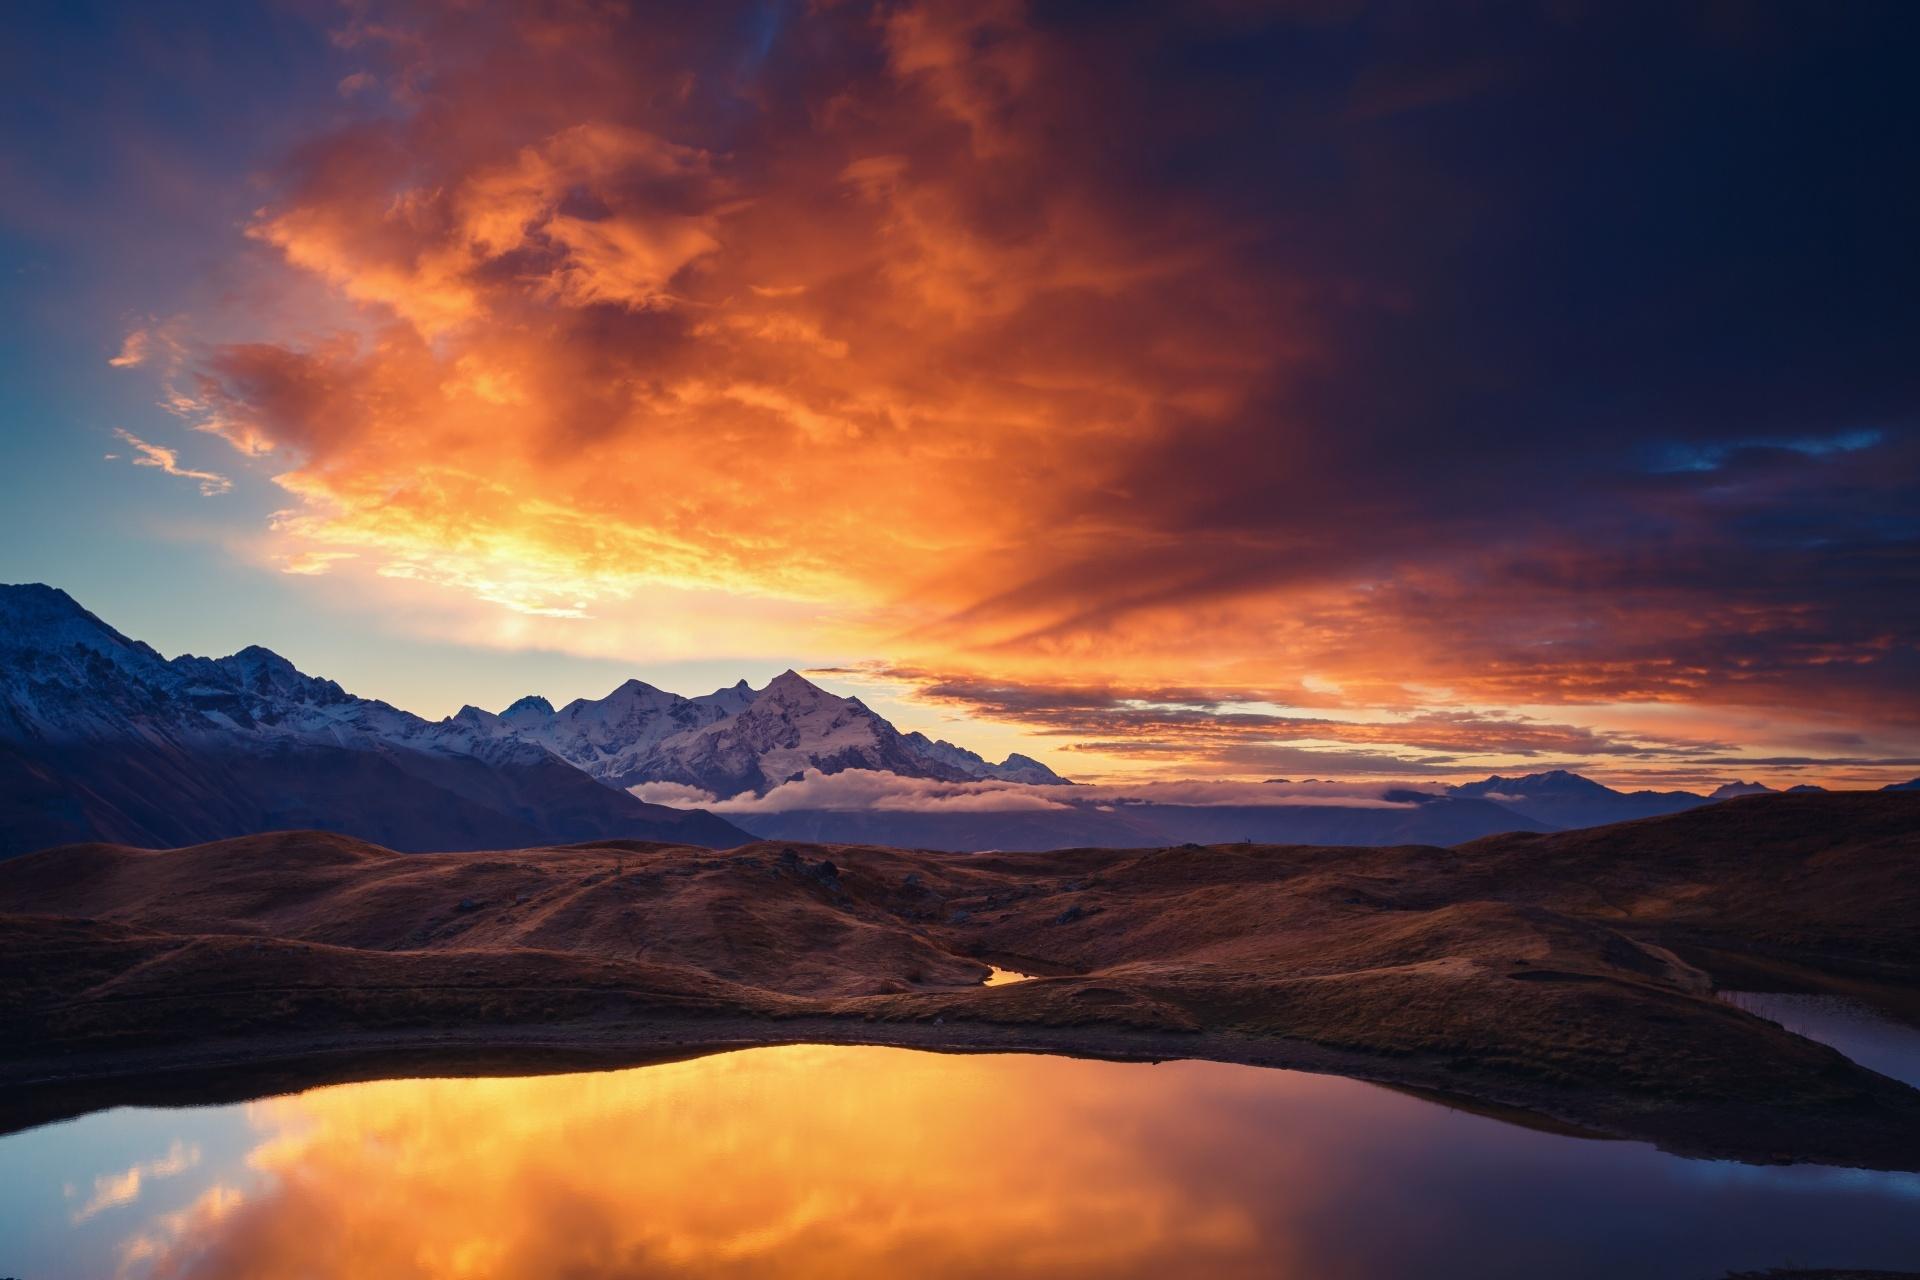 朝のコルルディ湖とウシュバ山 ジョージアの風景